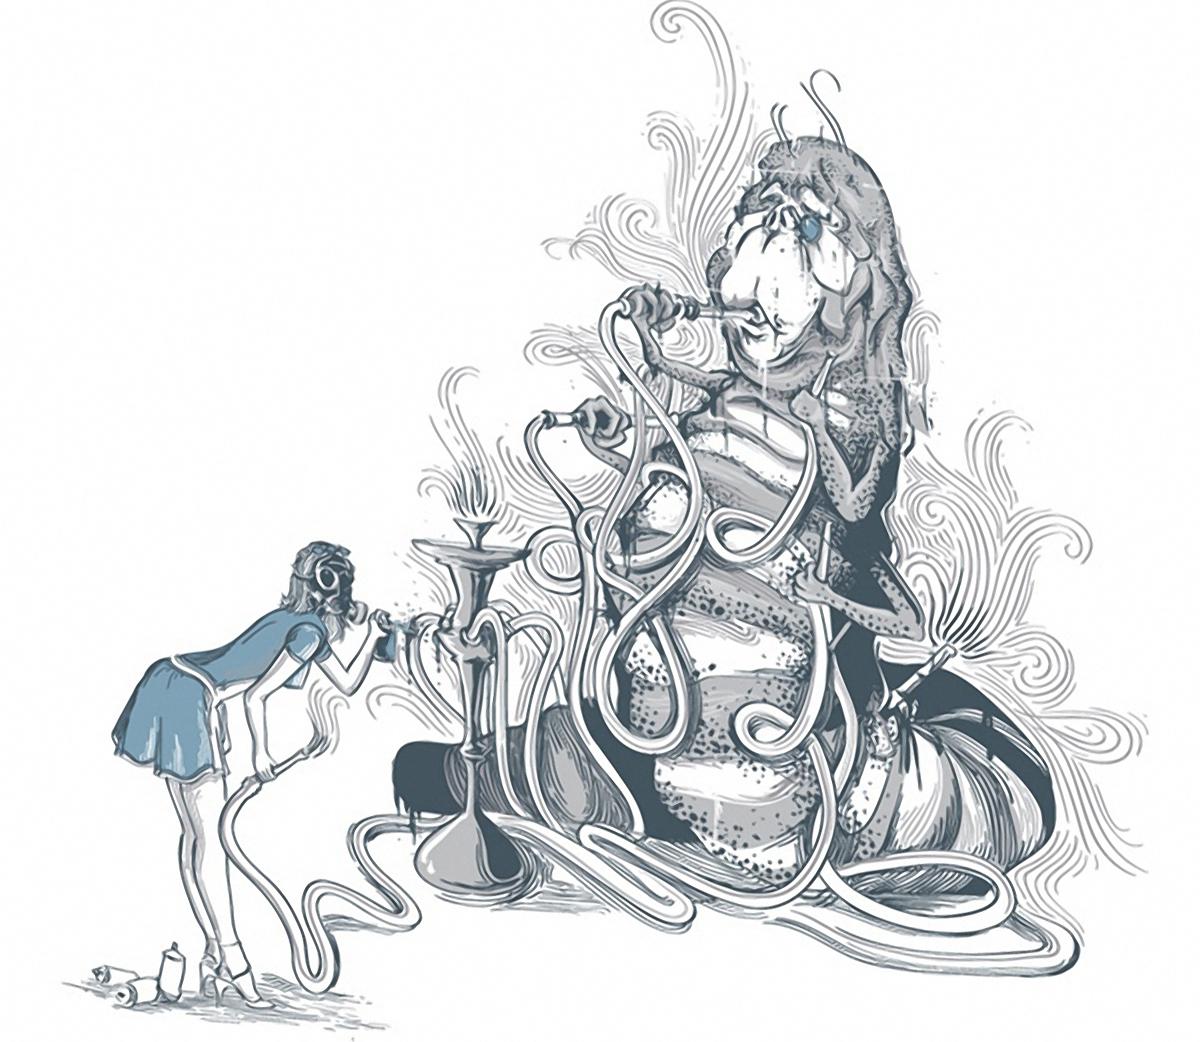 Tapety Ilustrace Cernobily Umelecka Dila Kresba Tuzkou